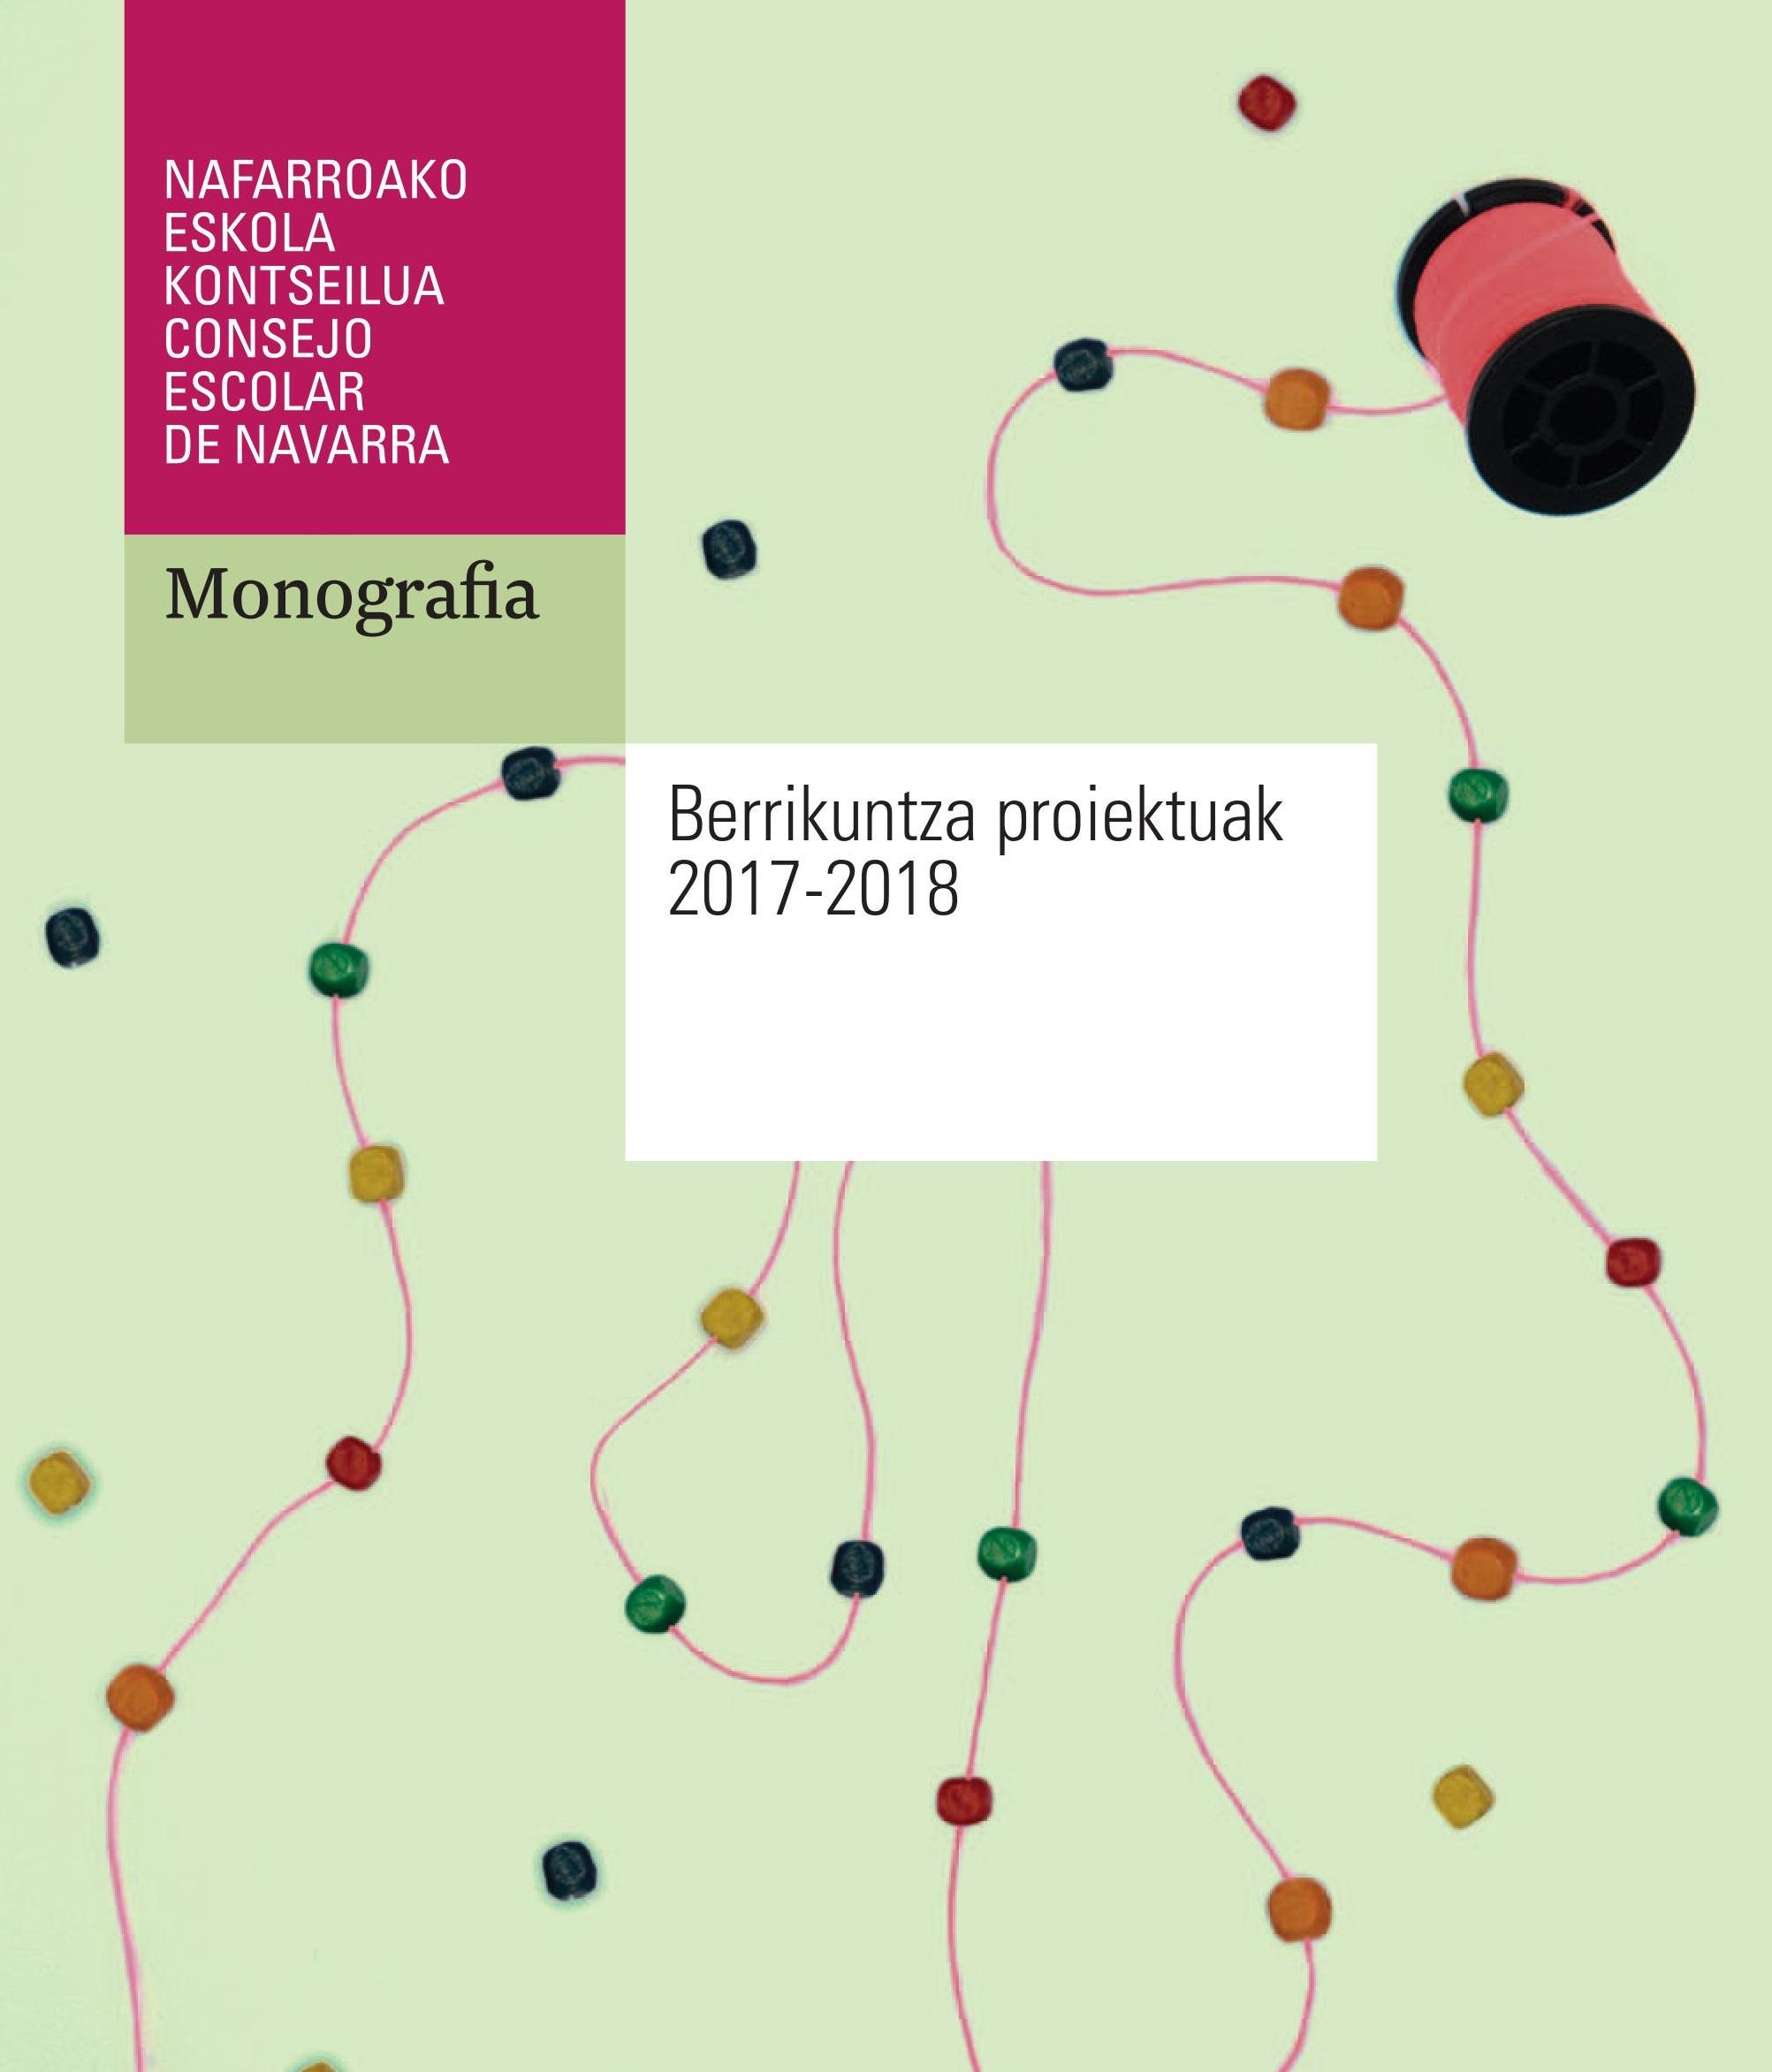 Berrikuntza proiektuak 2017-2018